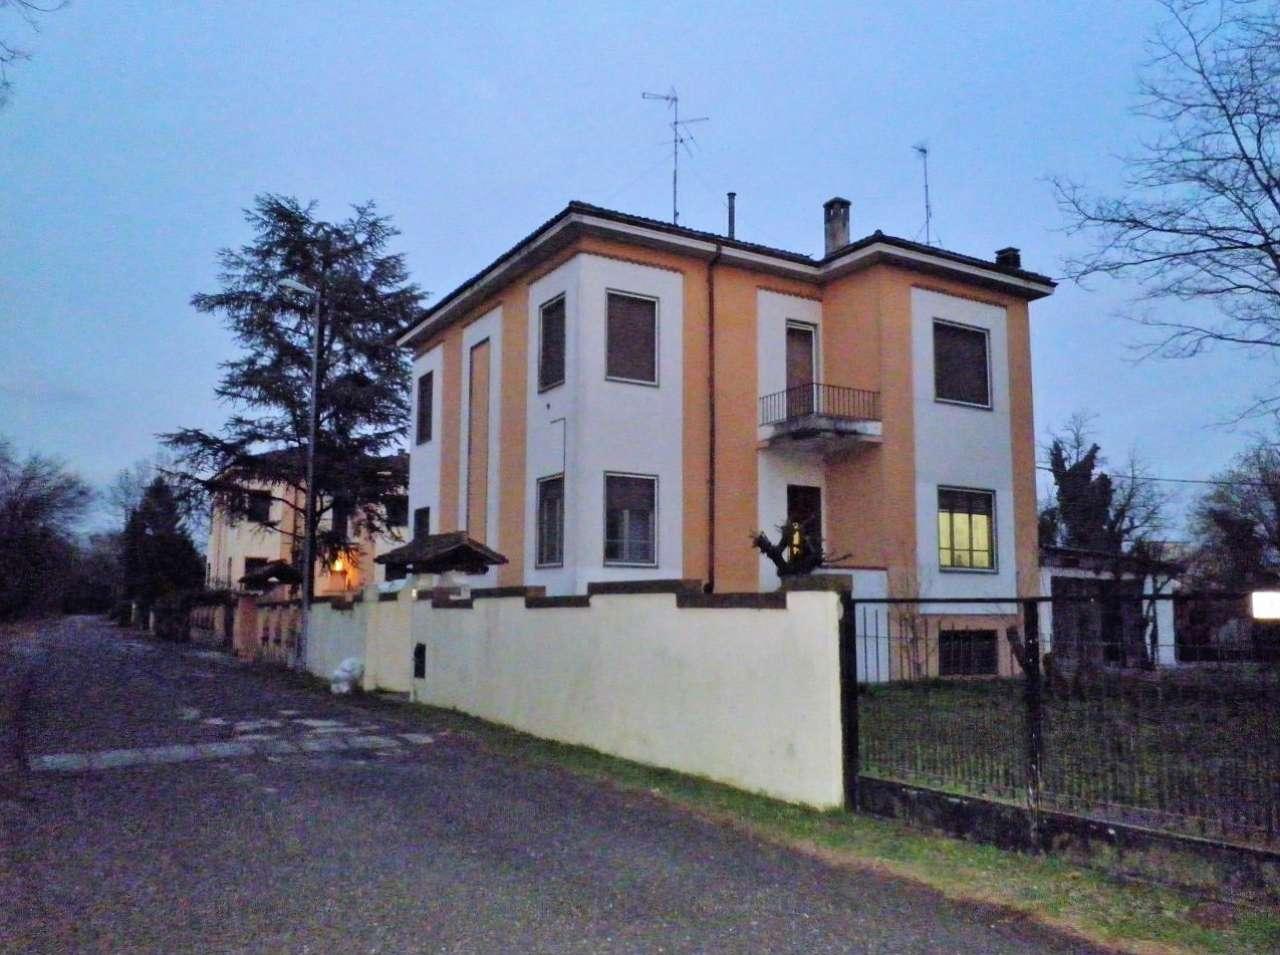 Villa Bifamiliare in vendita a Pizzighettone, 3 locali, prezzo € 210.000 | CambioCasa.it